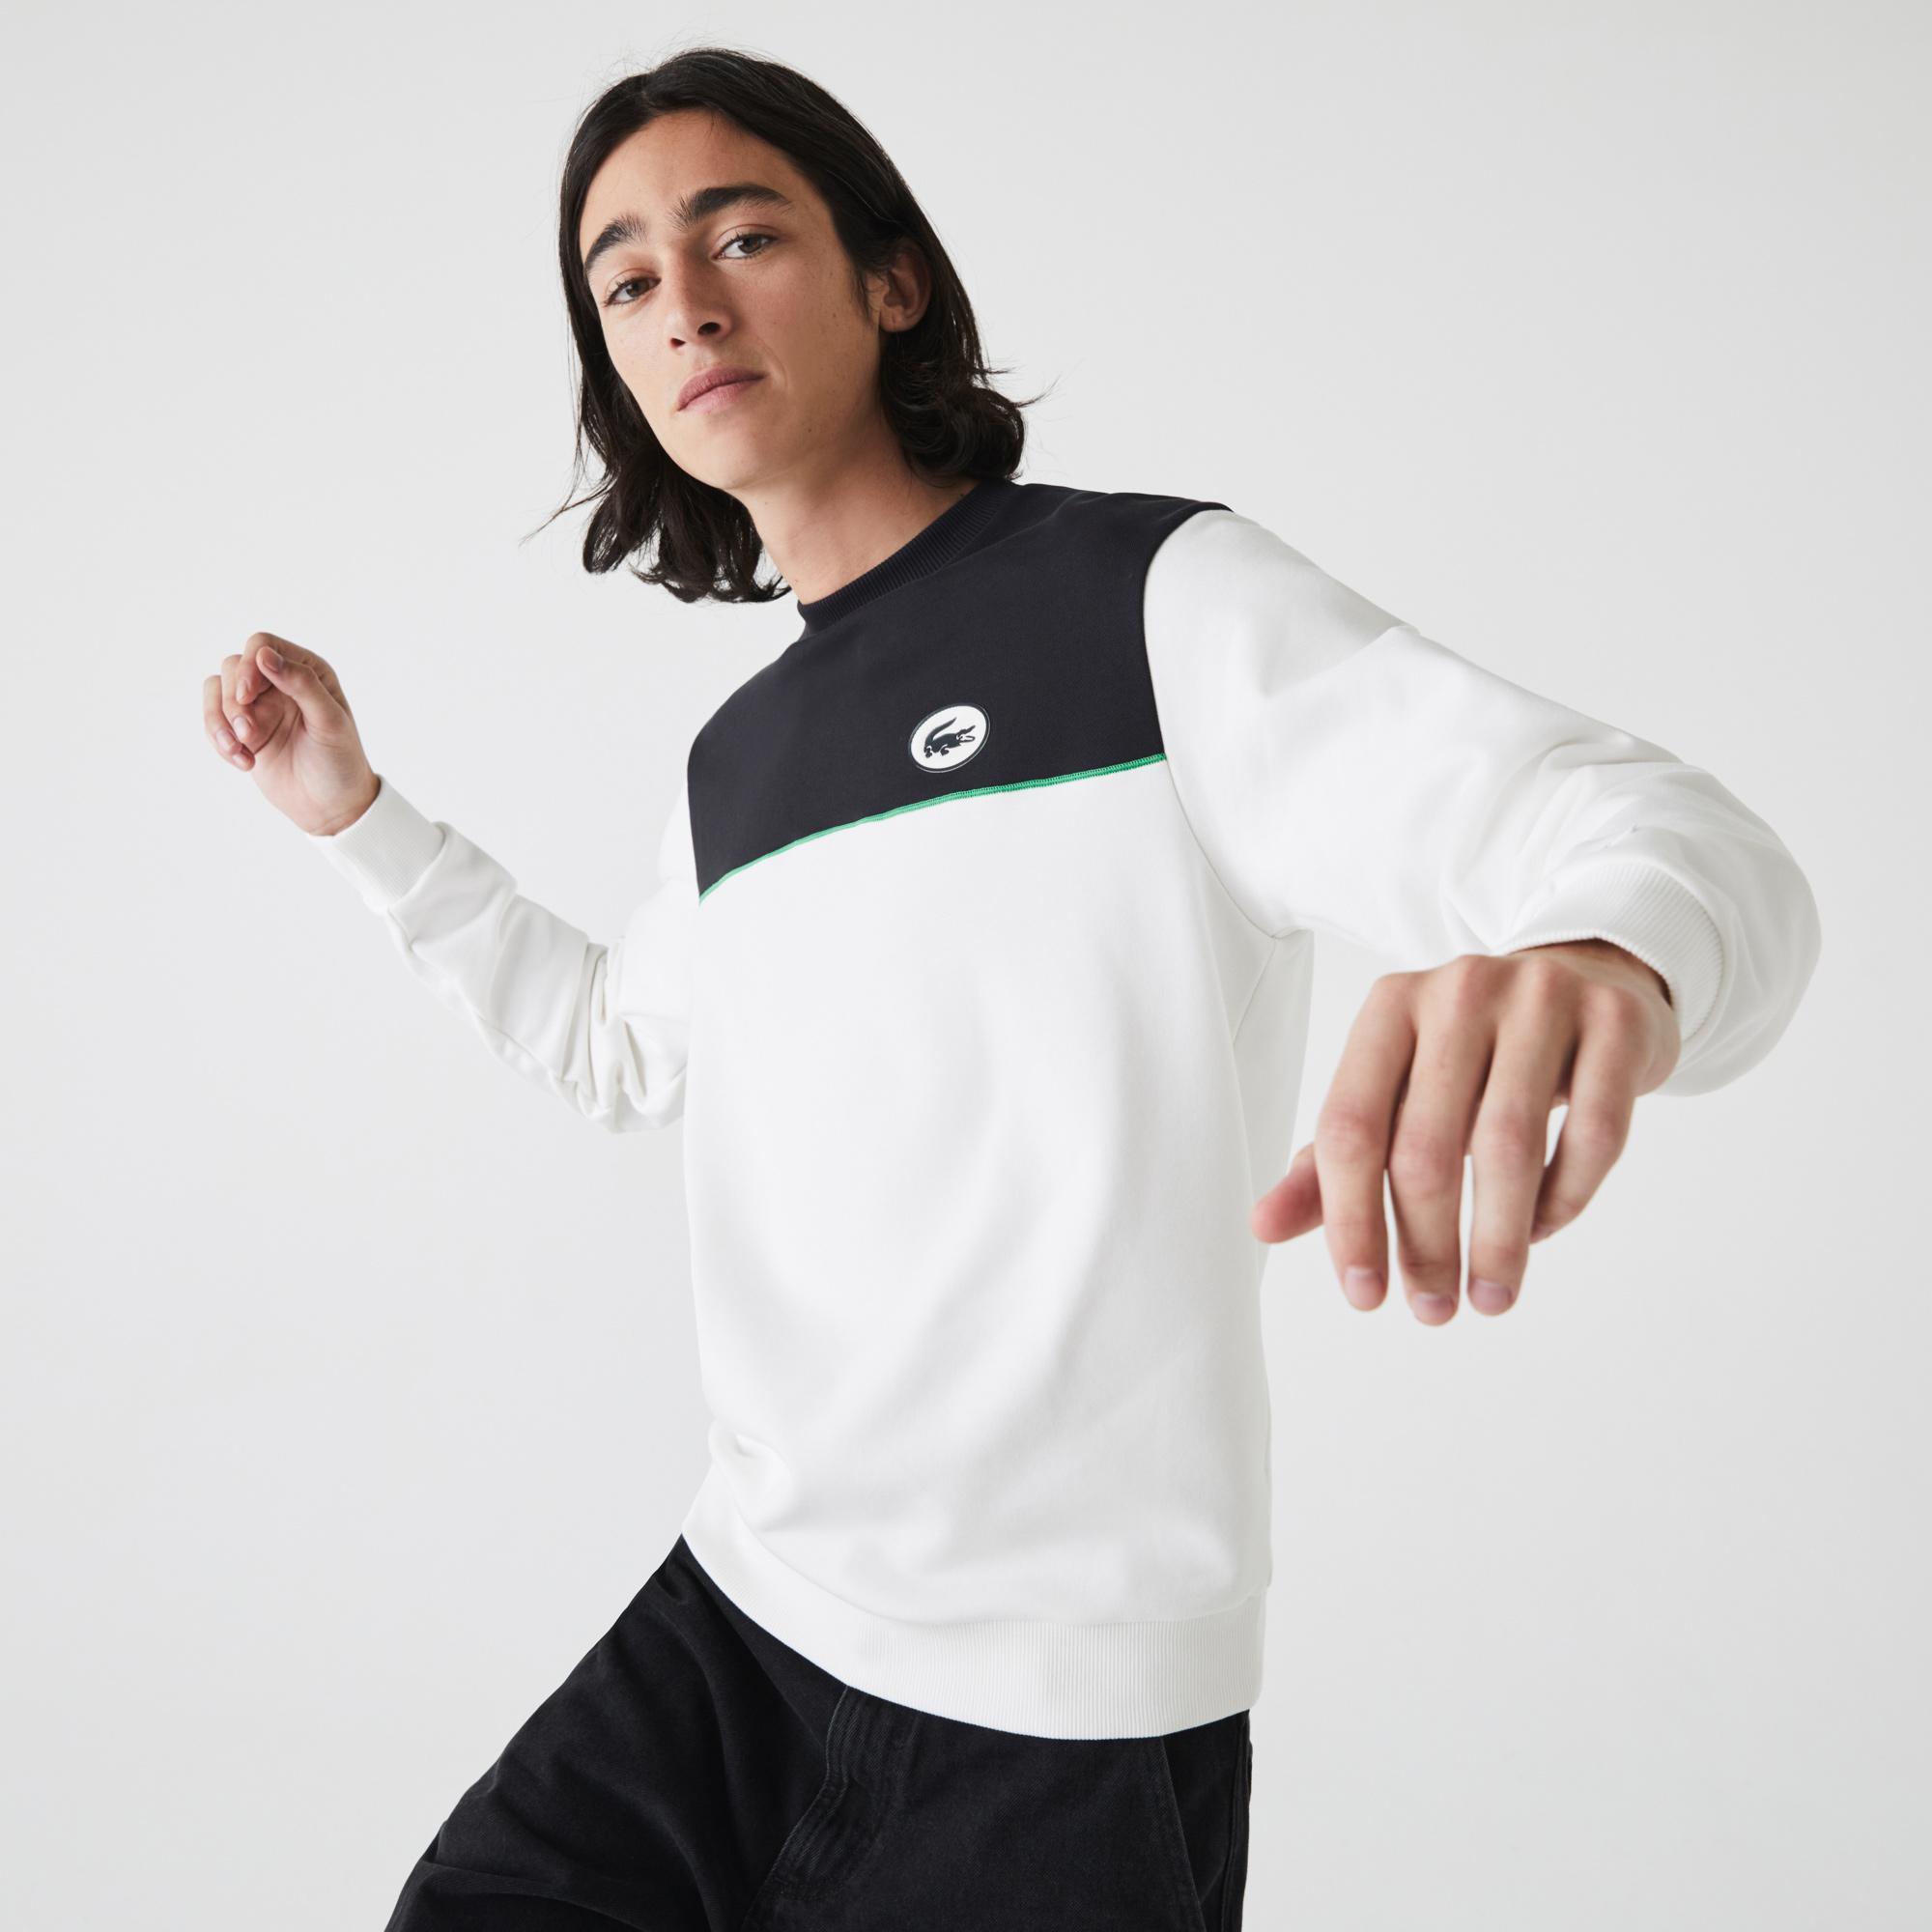 Lacoste Erkek Rahat Fit Bisiklet Yaka Renk Bloklu Lacivert - Beyaz Sweatshirt